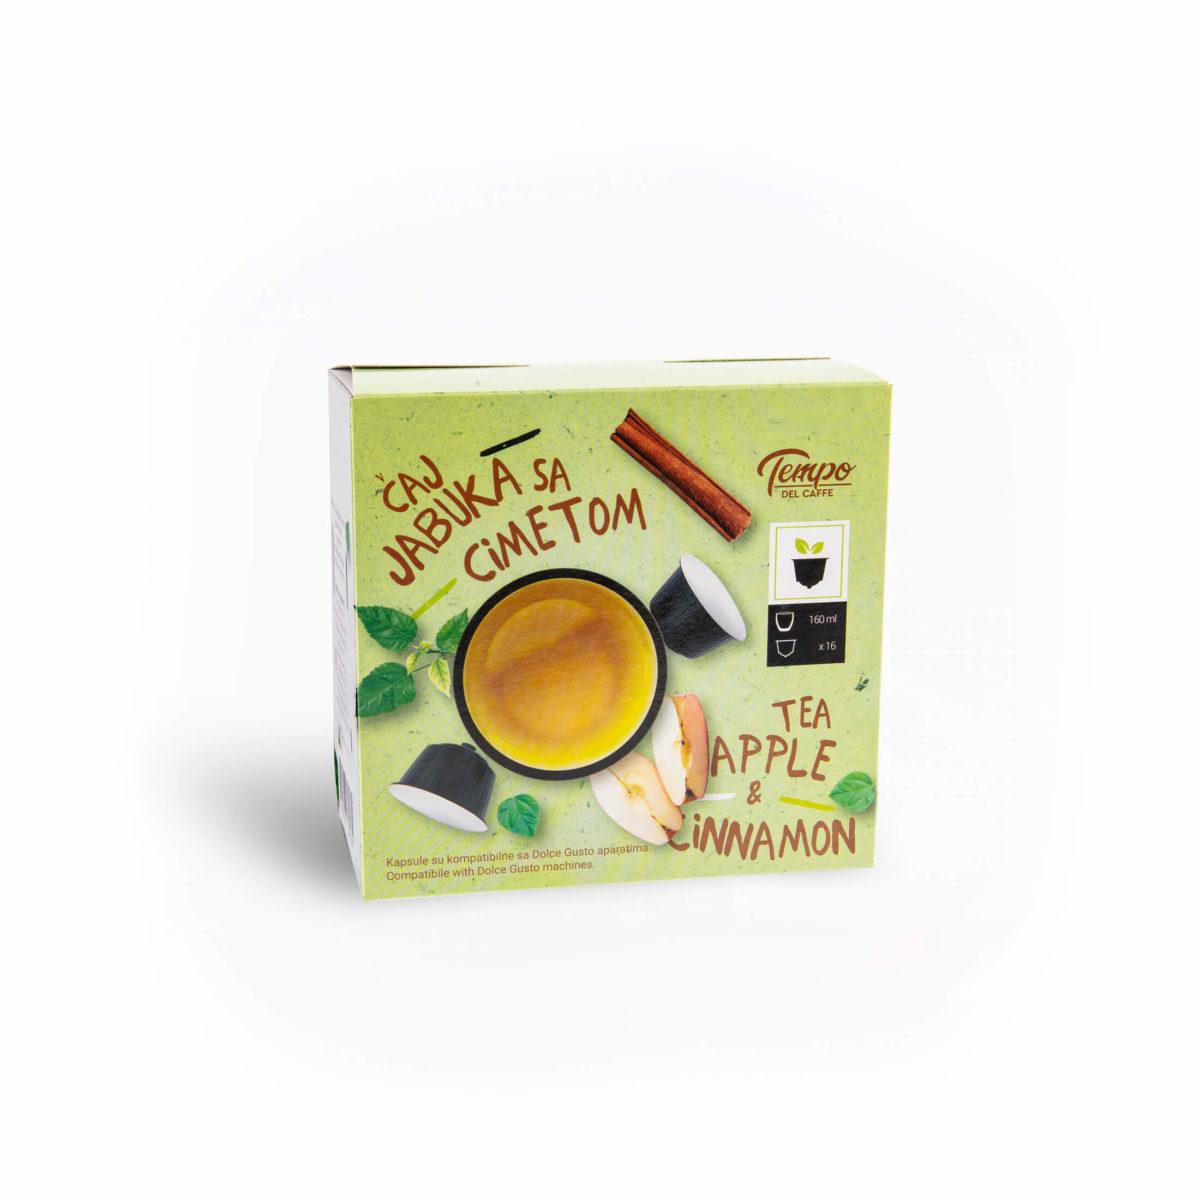 Jabuka sa cimetom čaj - Dolce Gusto kapsule